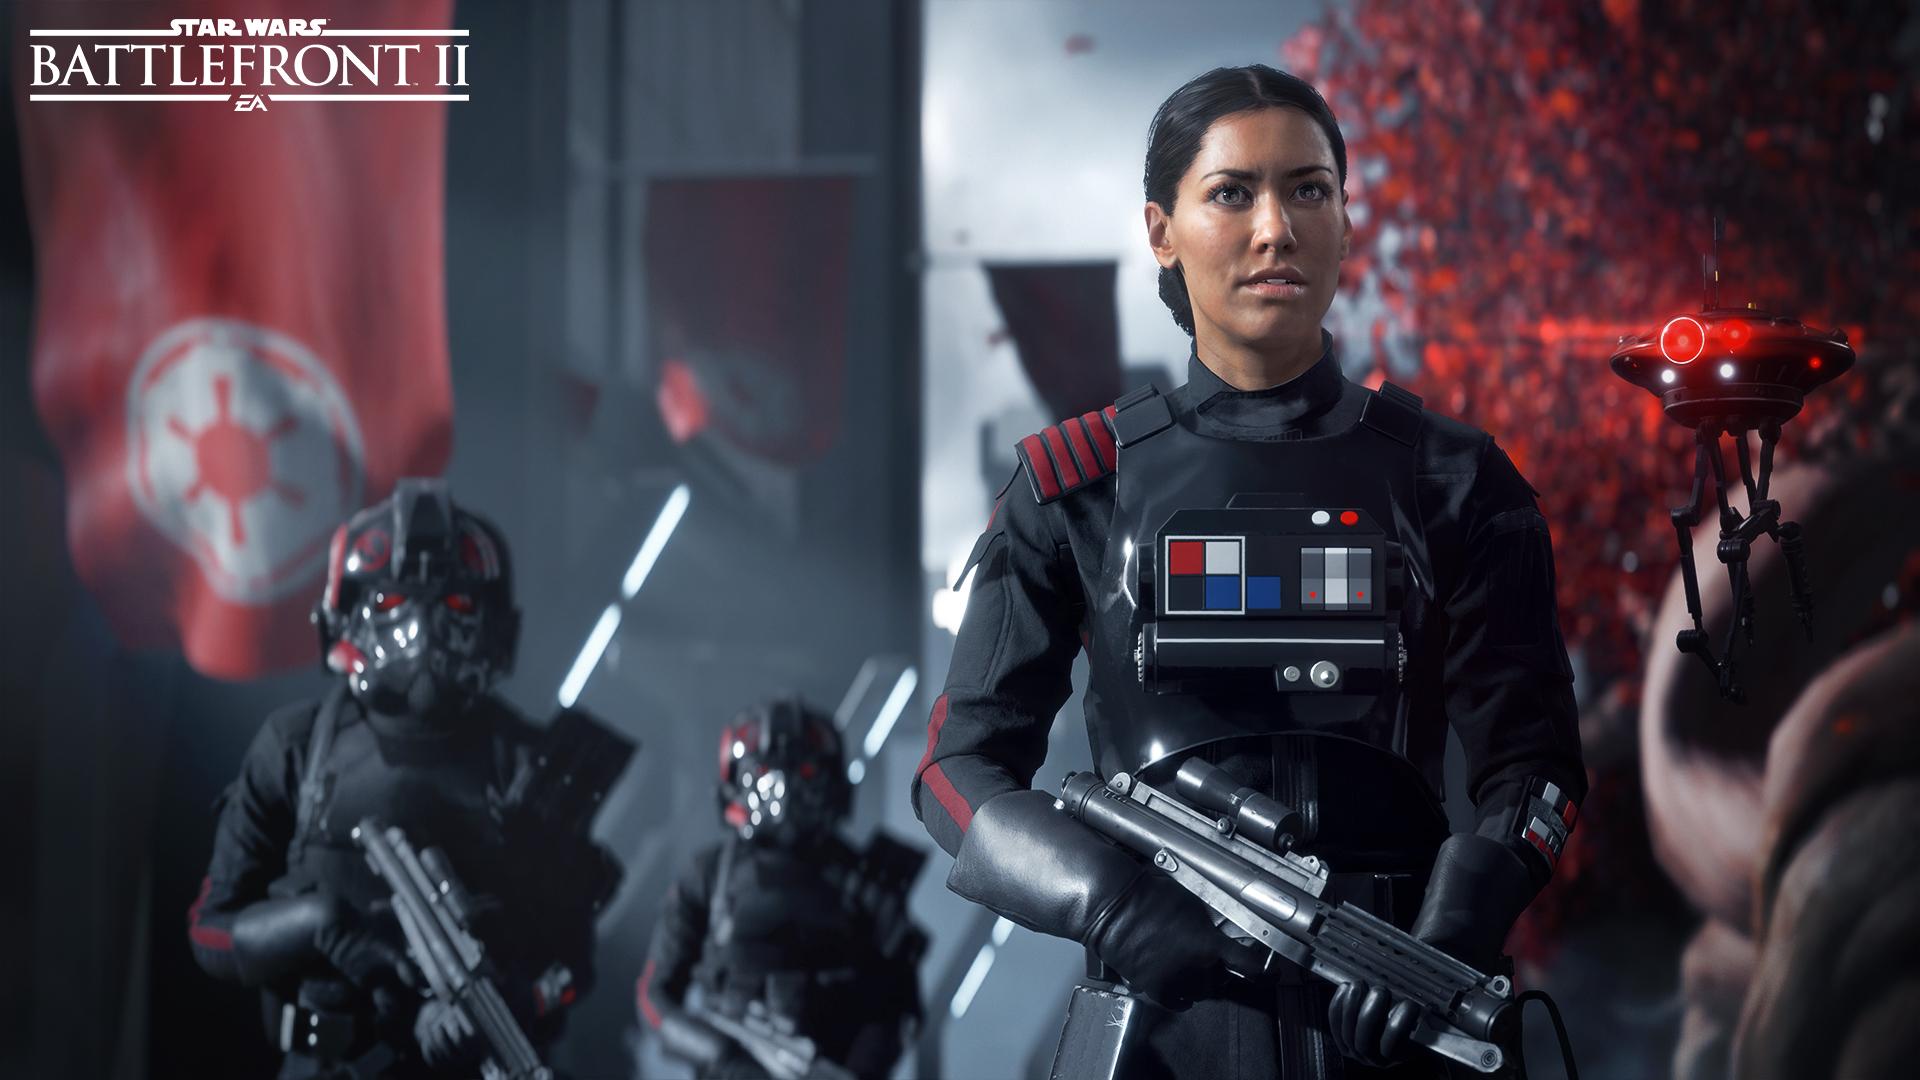 سازندگان Star Wars: Battlefront II، ترسی از رقابت این بازی با Destiny 2 و COD: WW II ندارند